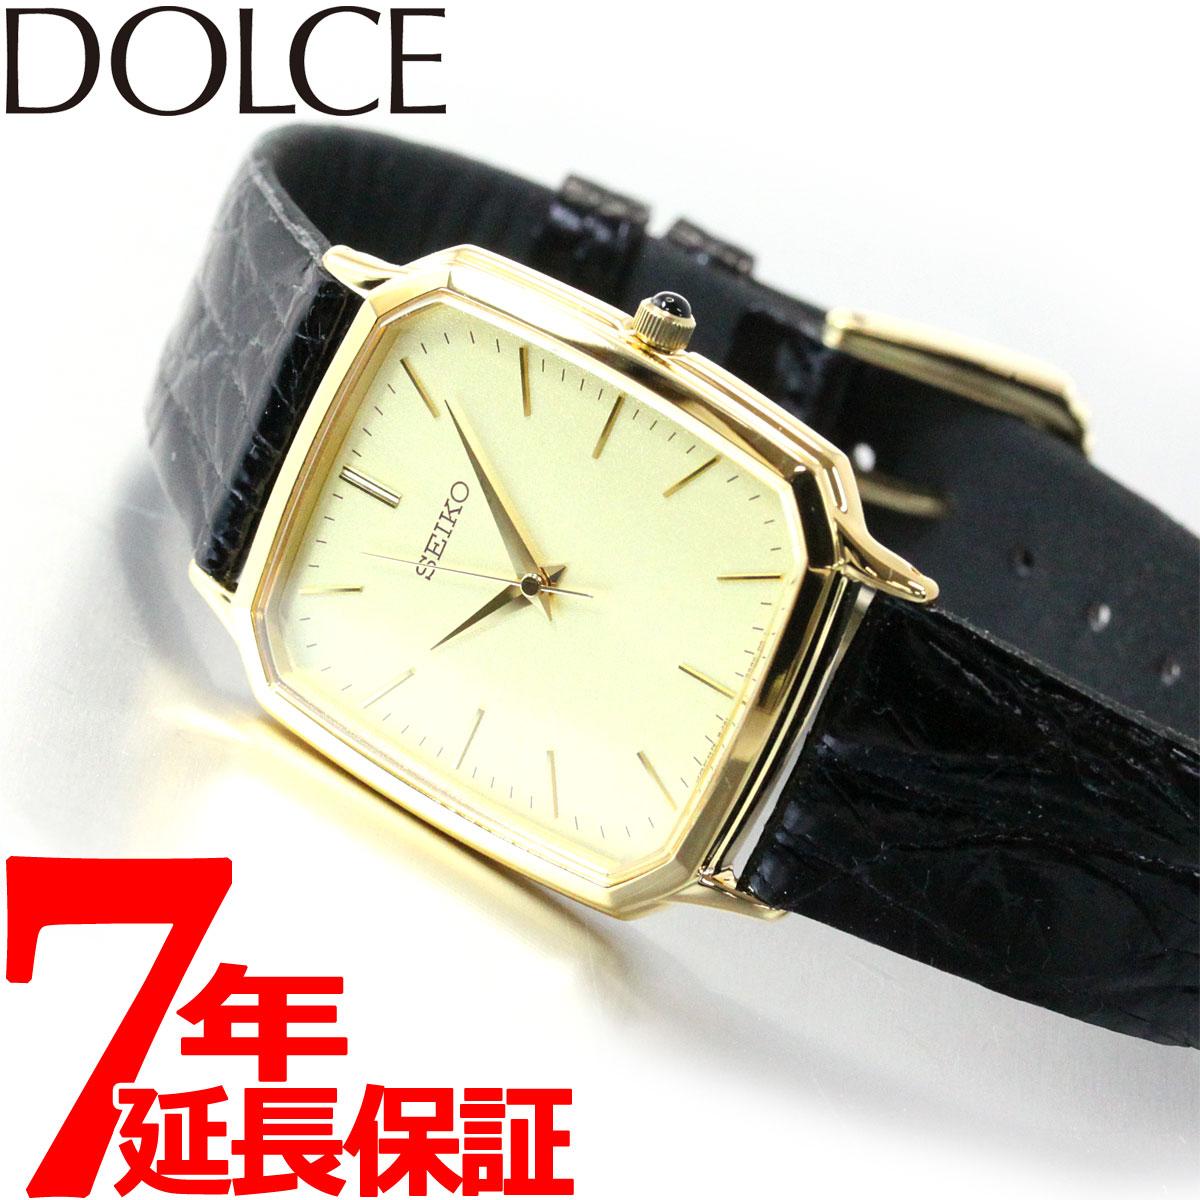 腕時計, メンズ腕時計 2502000OFF51252359 SEIKO DOLCEEXCELINE SACM154